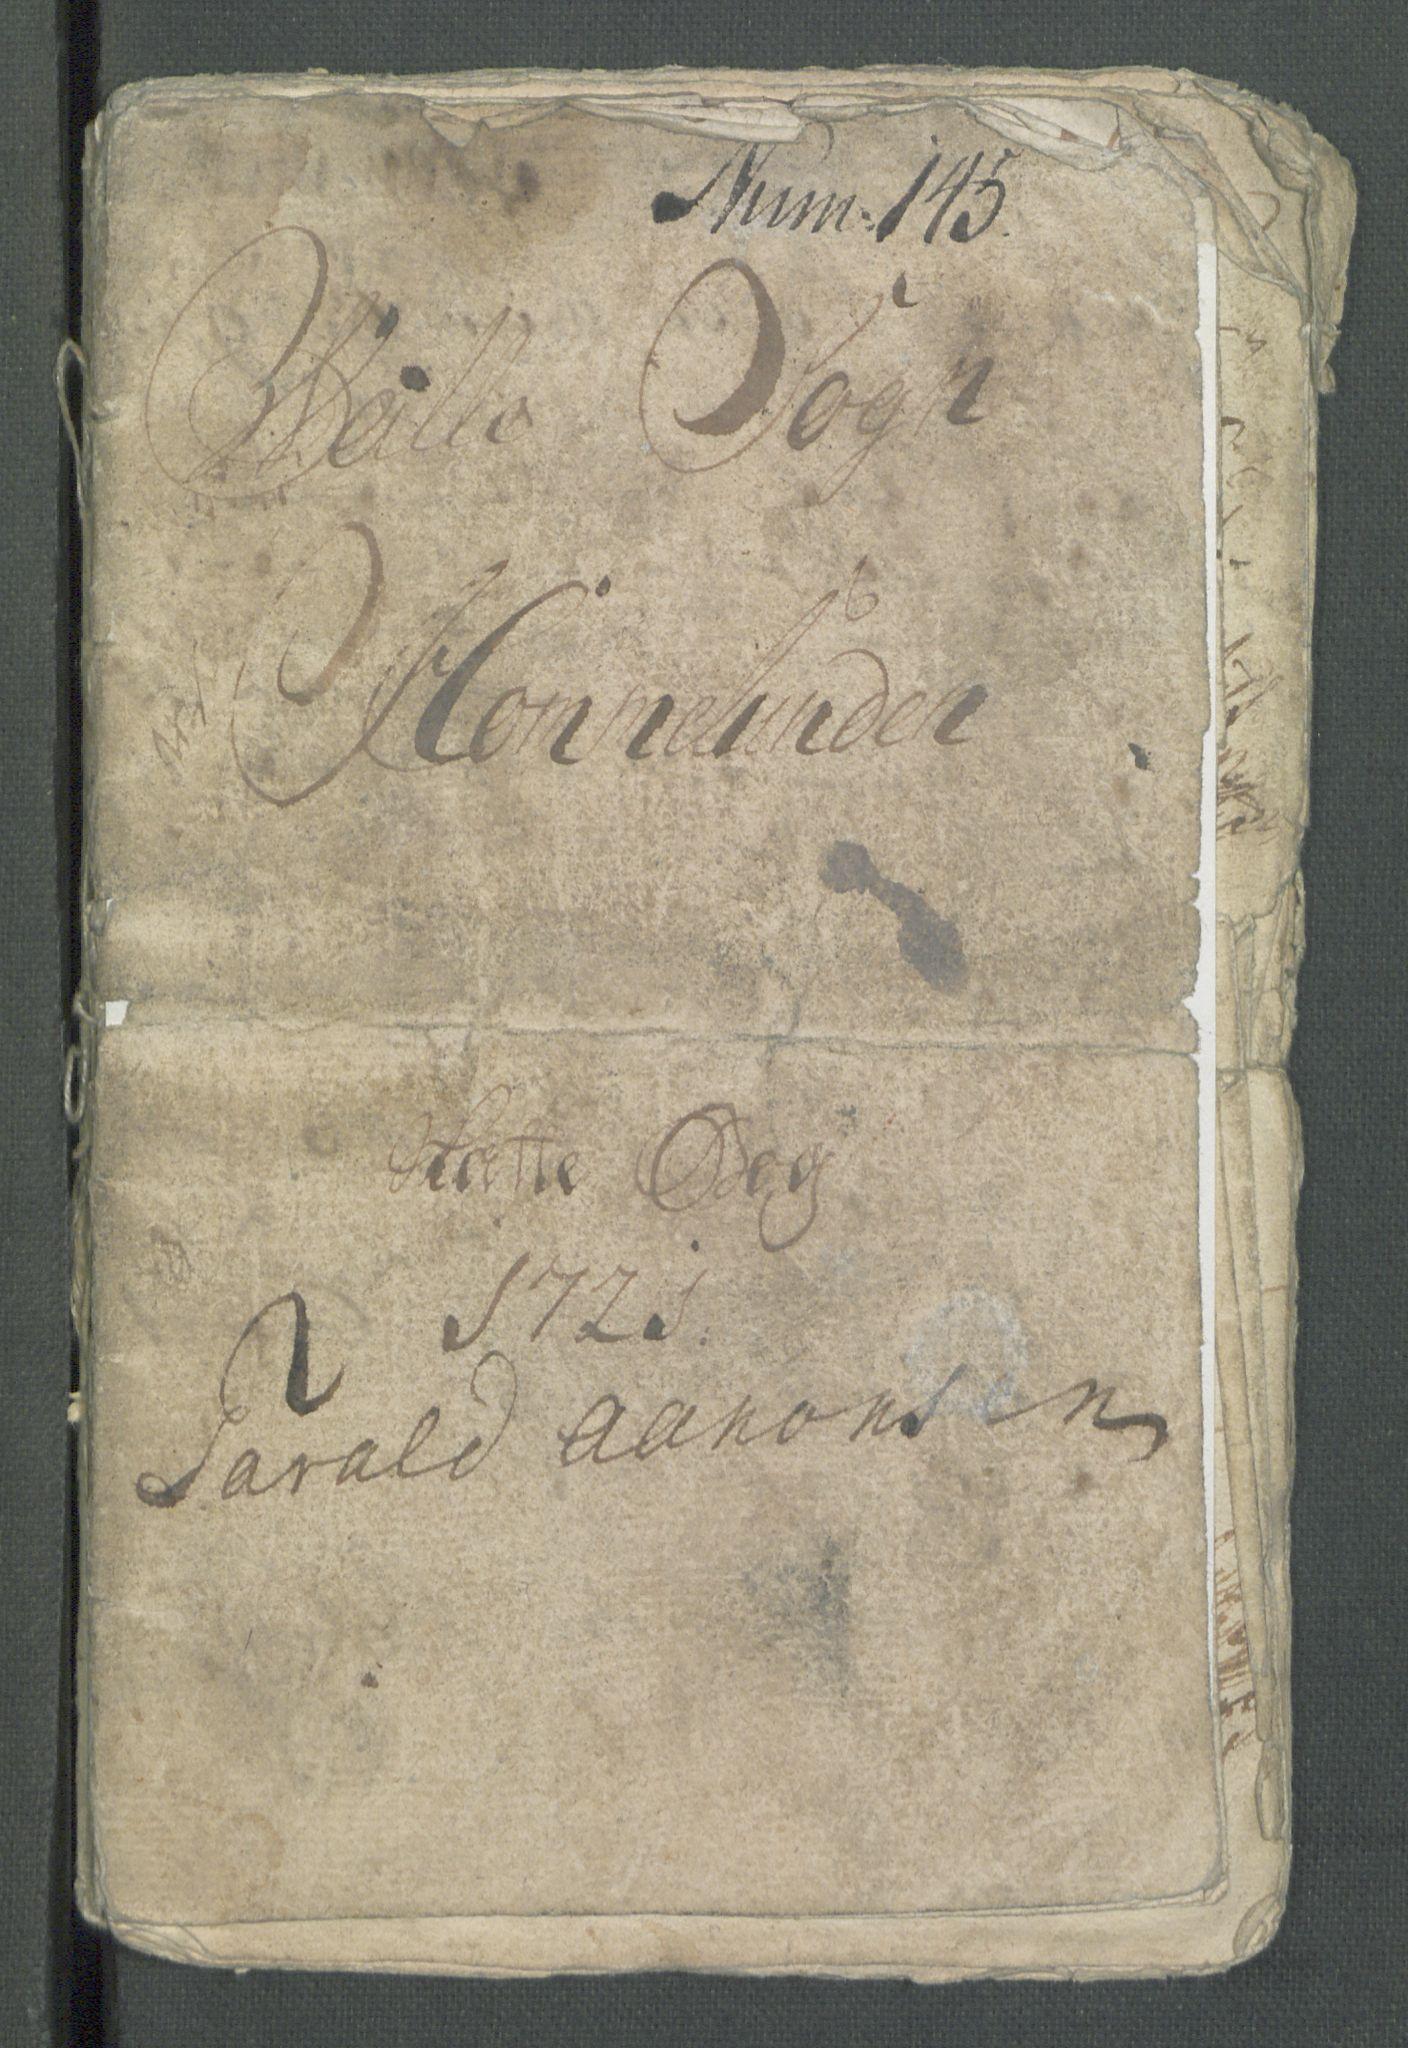 RA, Rentekammeret inntil 1814, Realistisk ordnet avdeling, Od/L0001: Oppløp, 1786-1769, s. 218